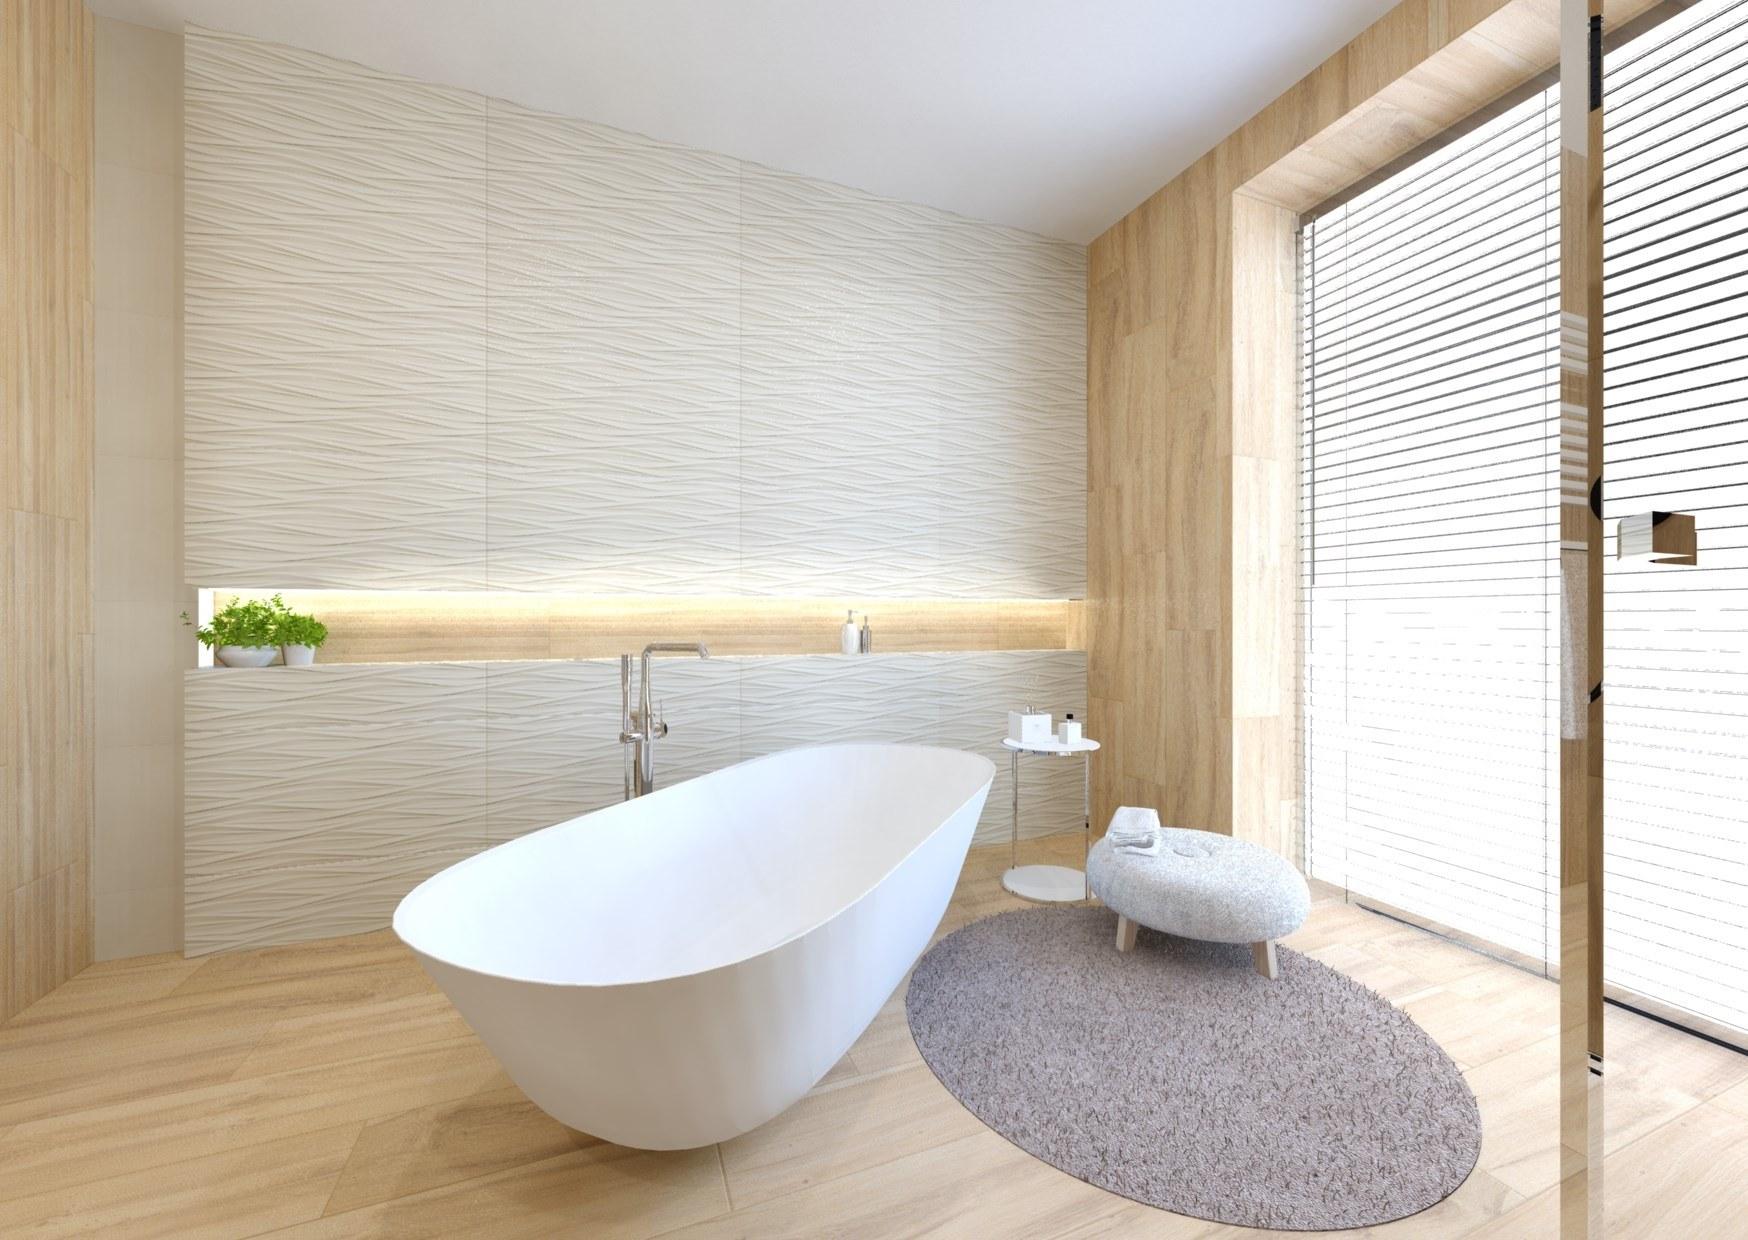 Návrh koupelny v teplých barvách dřeva 1